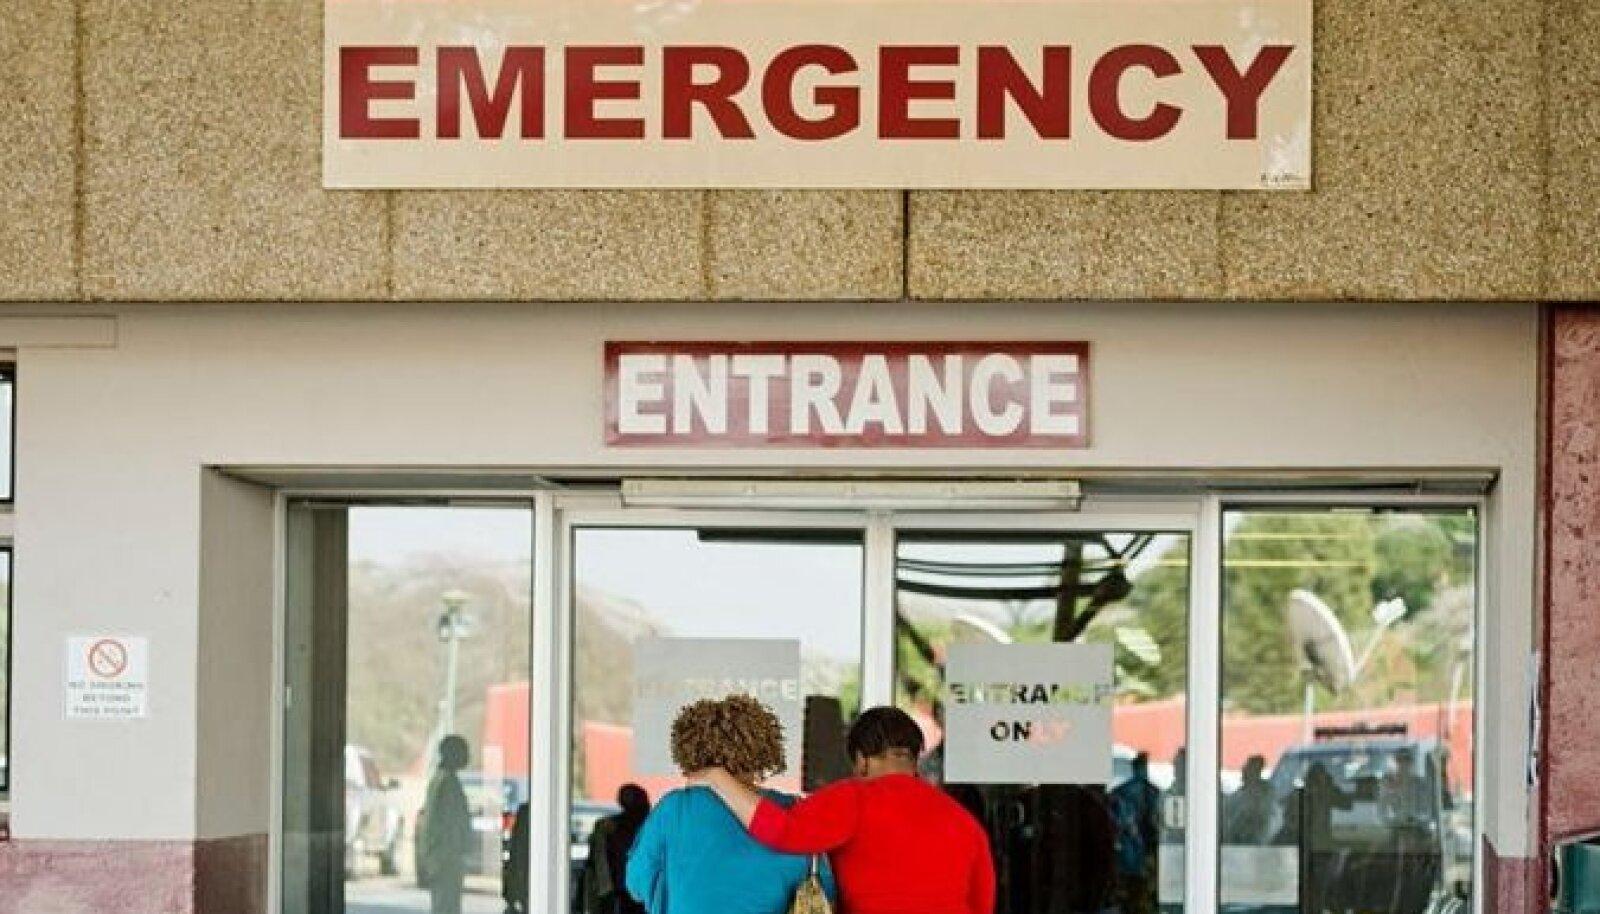 """Сообщалось, что младенцы родились в больнице """"Стив Бико"""", но власти говорят, что возможностей для этого там попросту нет"""